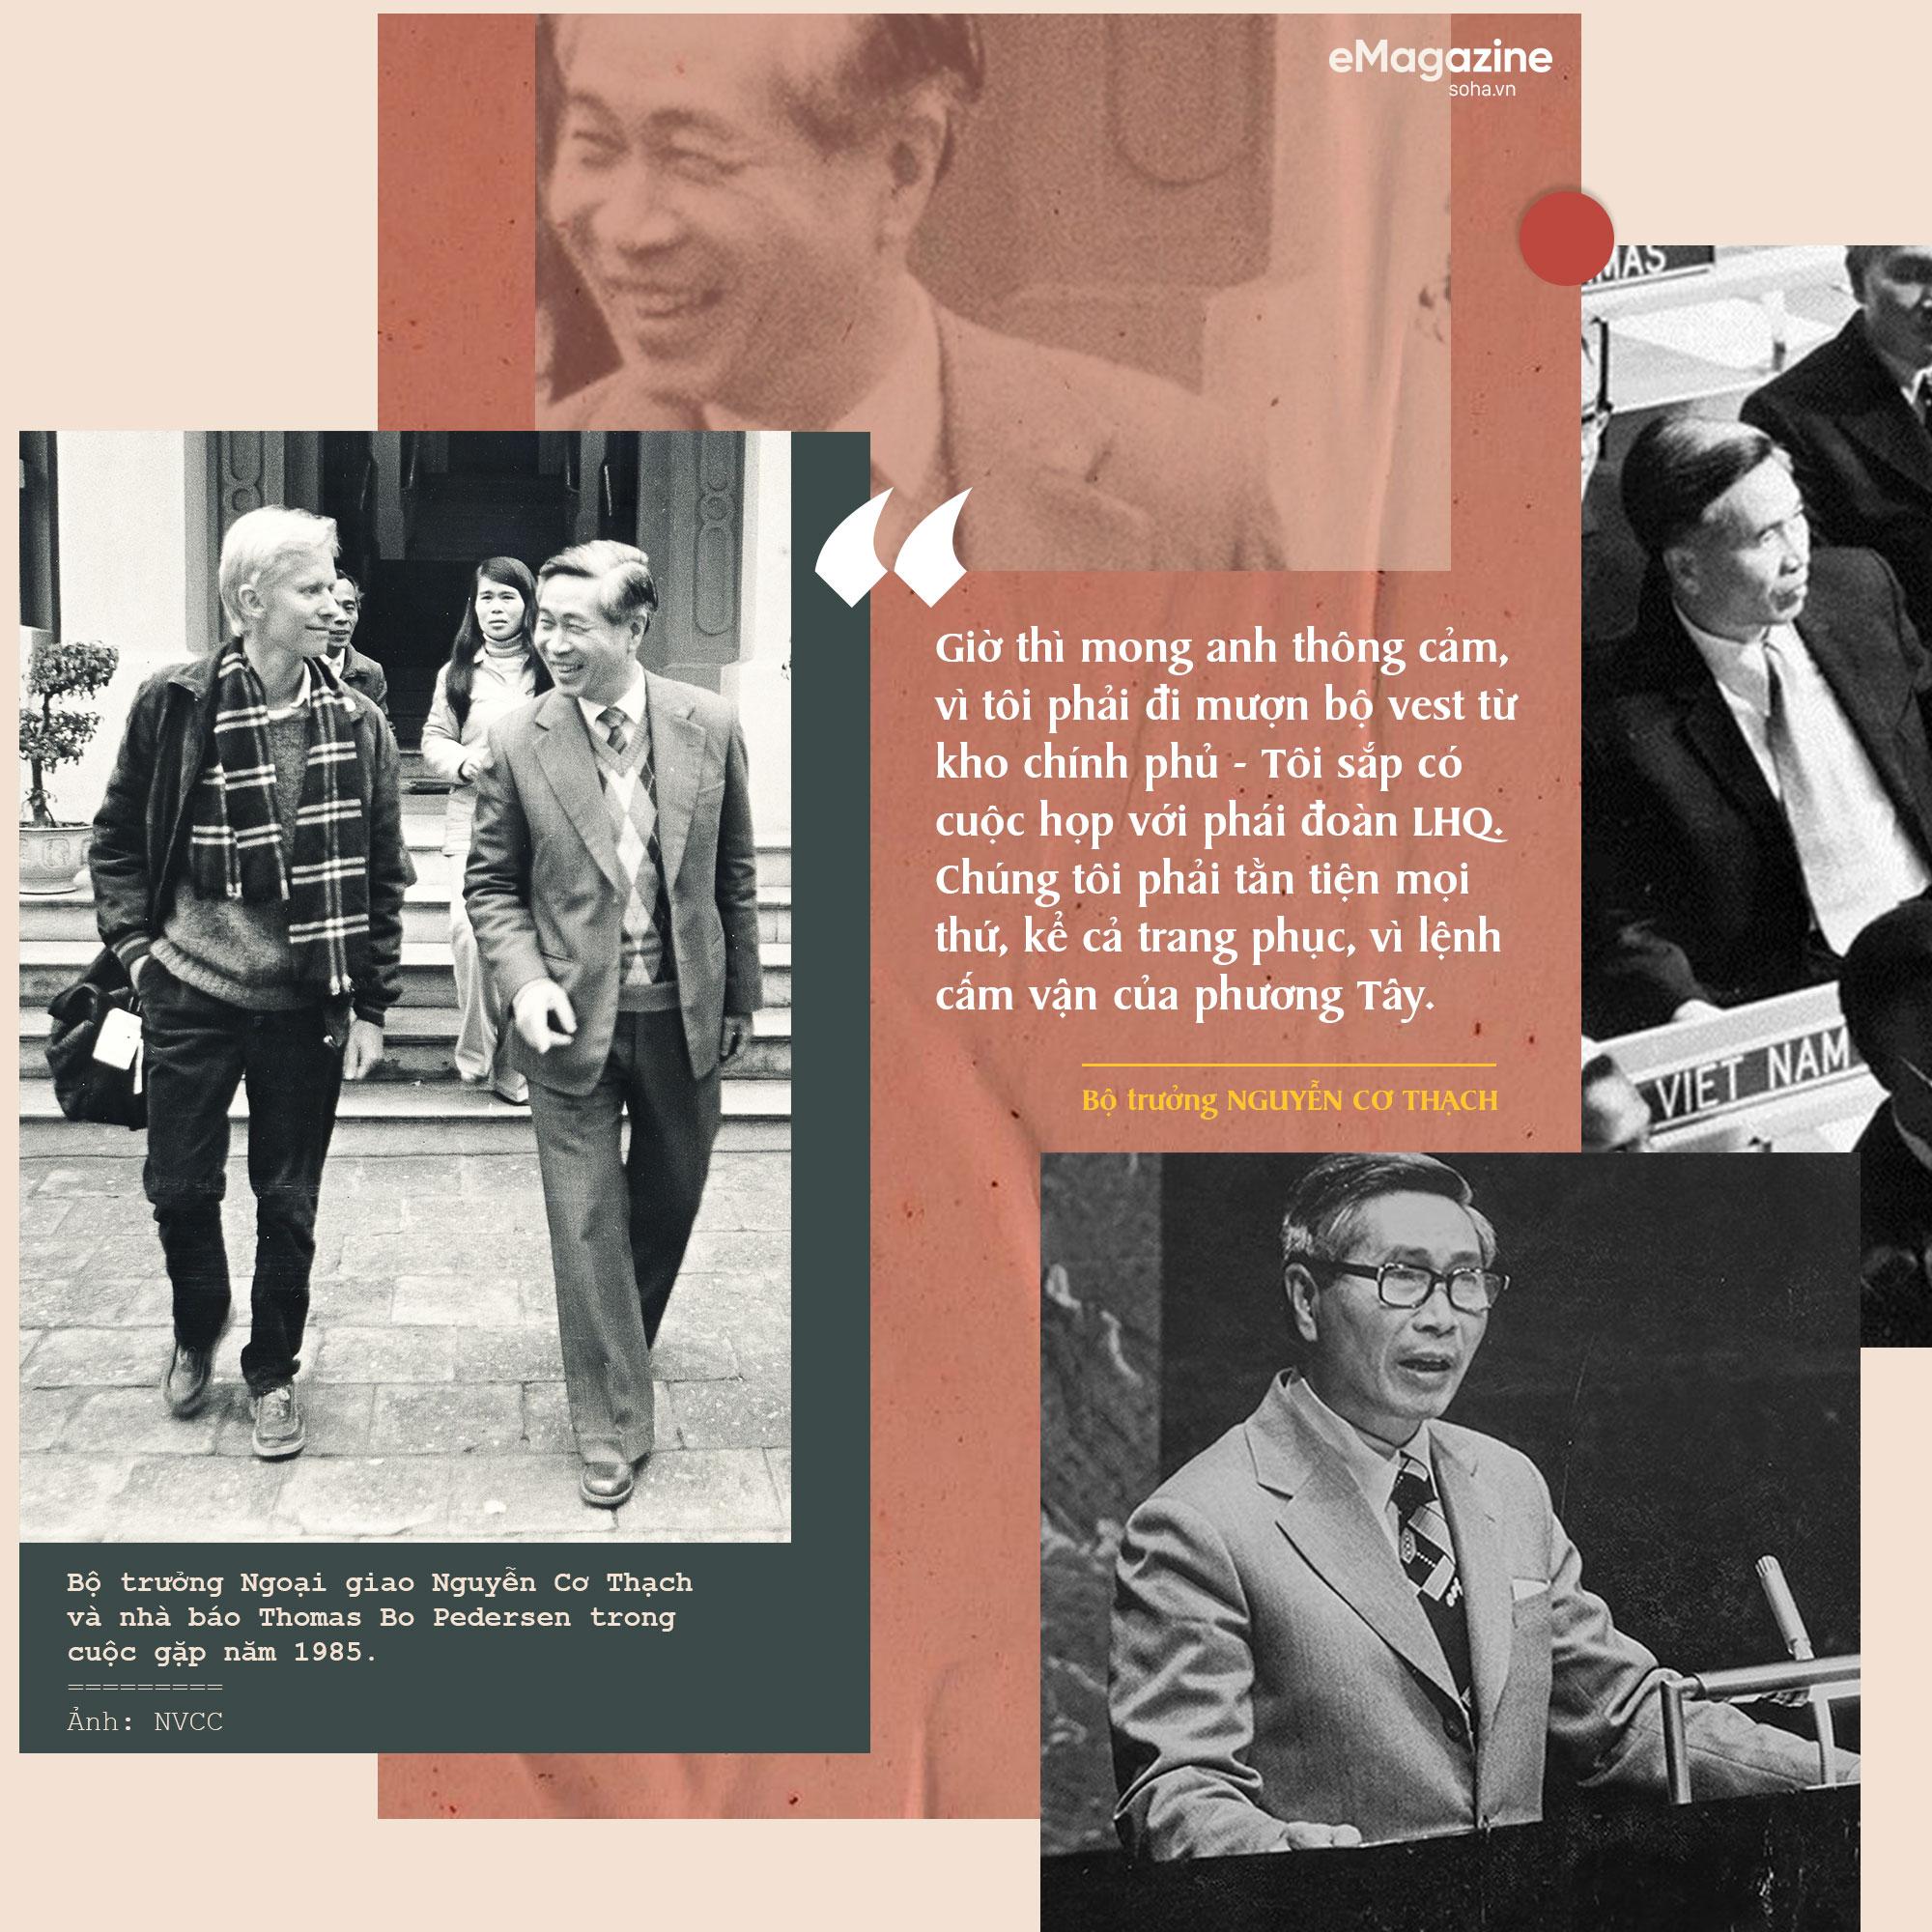 Bộ Âu phục đi mượn của ông Nguyễn Cơ Thạch và cuộc phỏng vấn sau màn thoát hiểm trước đạn pháo Trung Quốc - Ảnh 9.